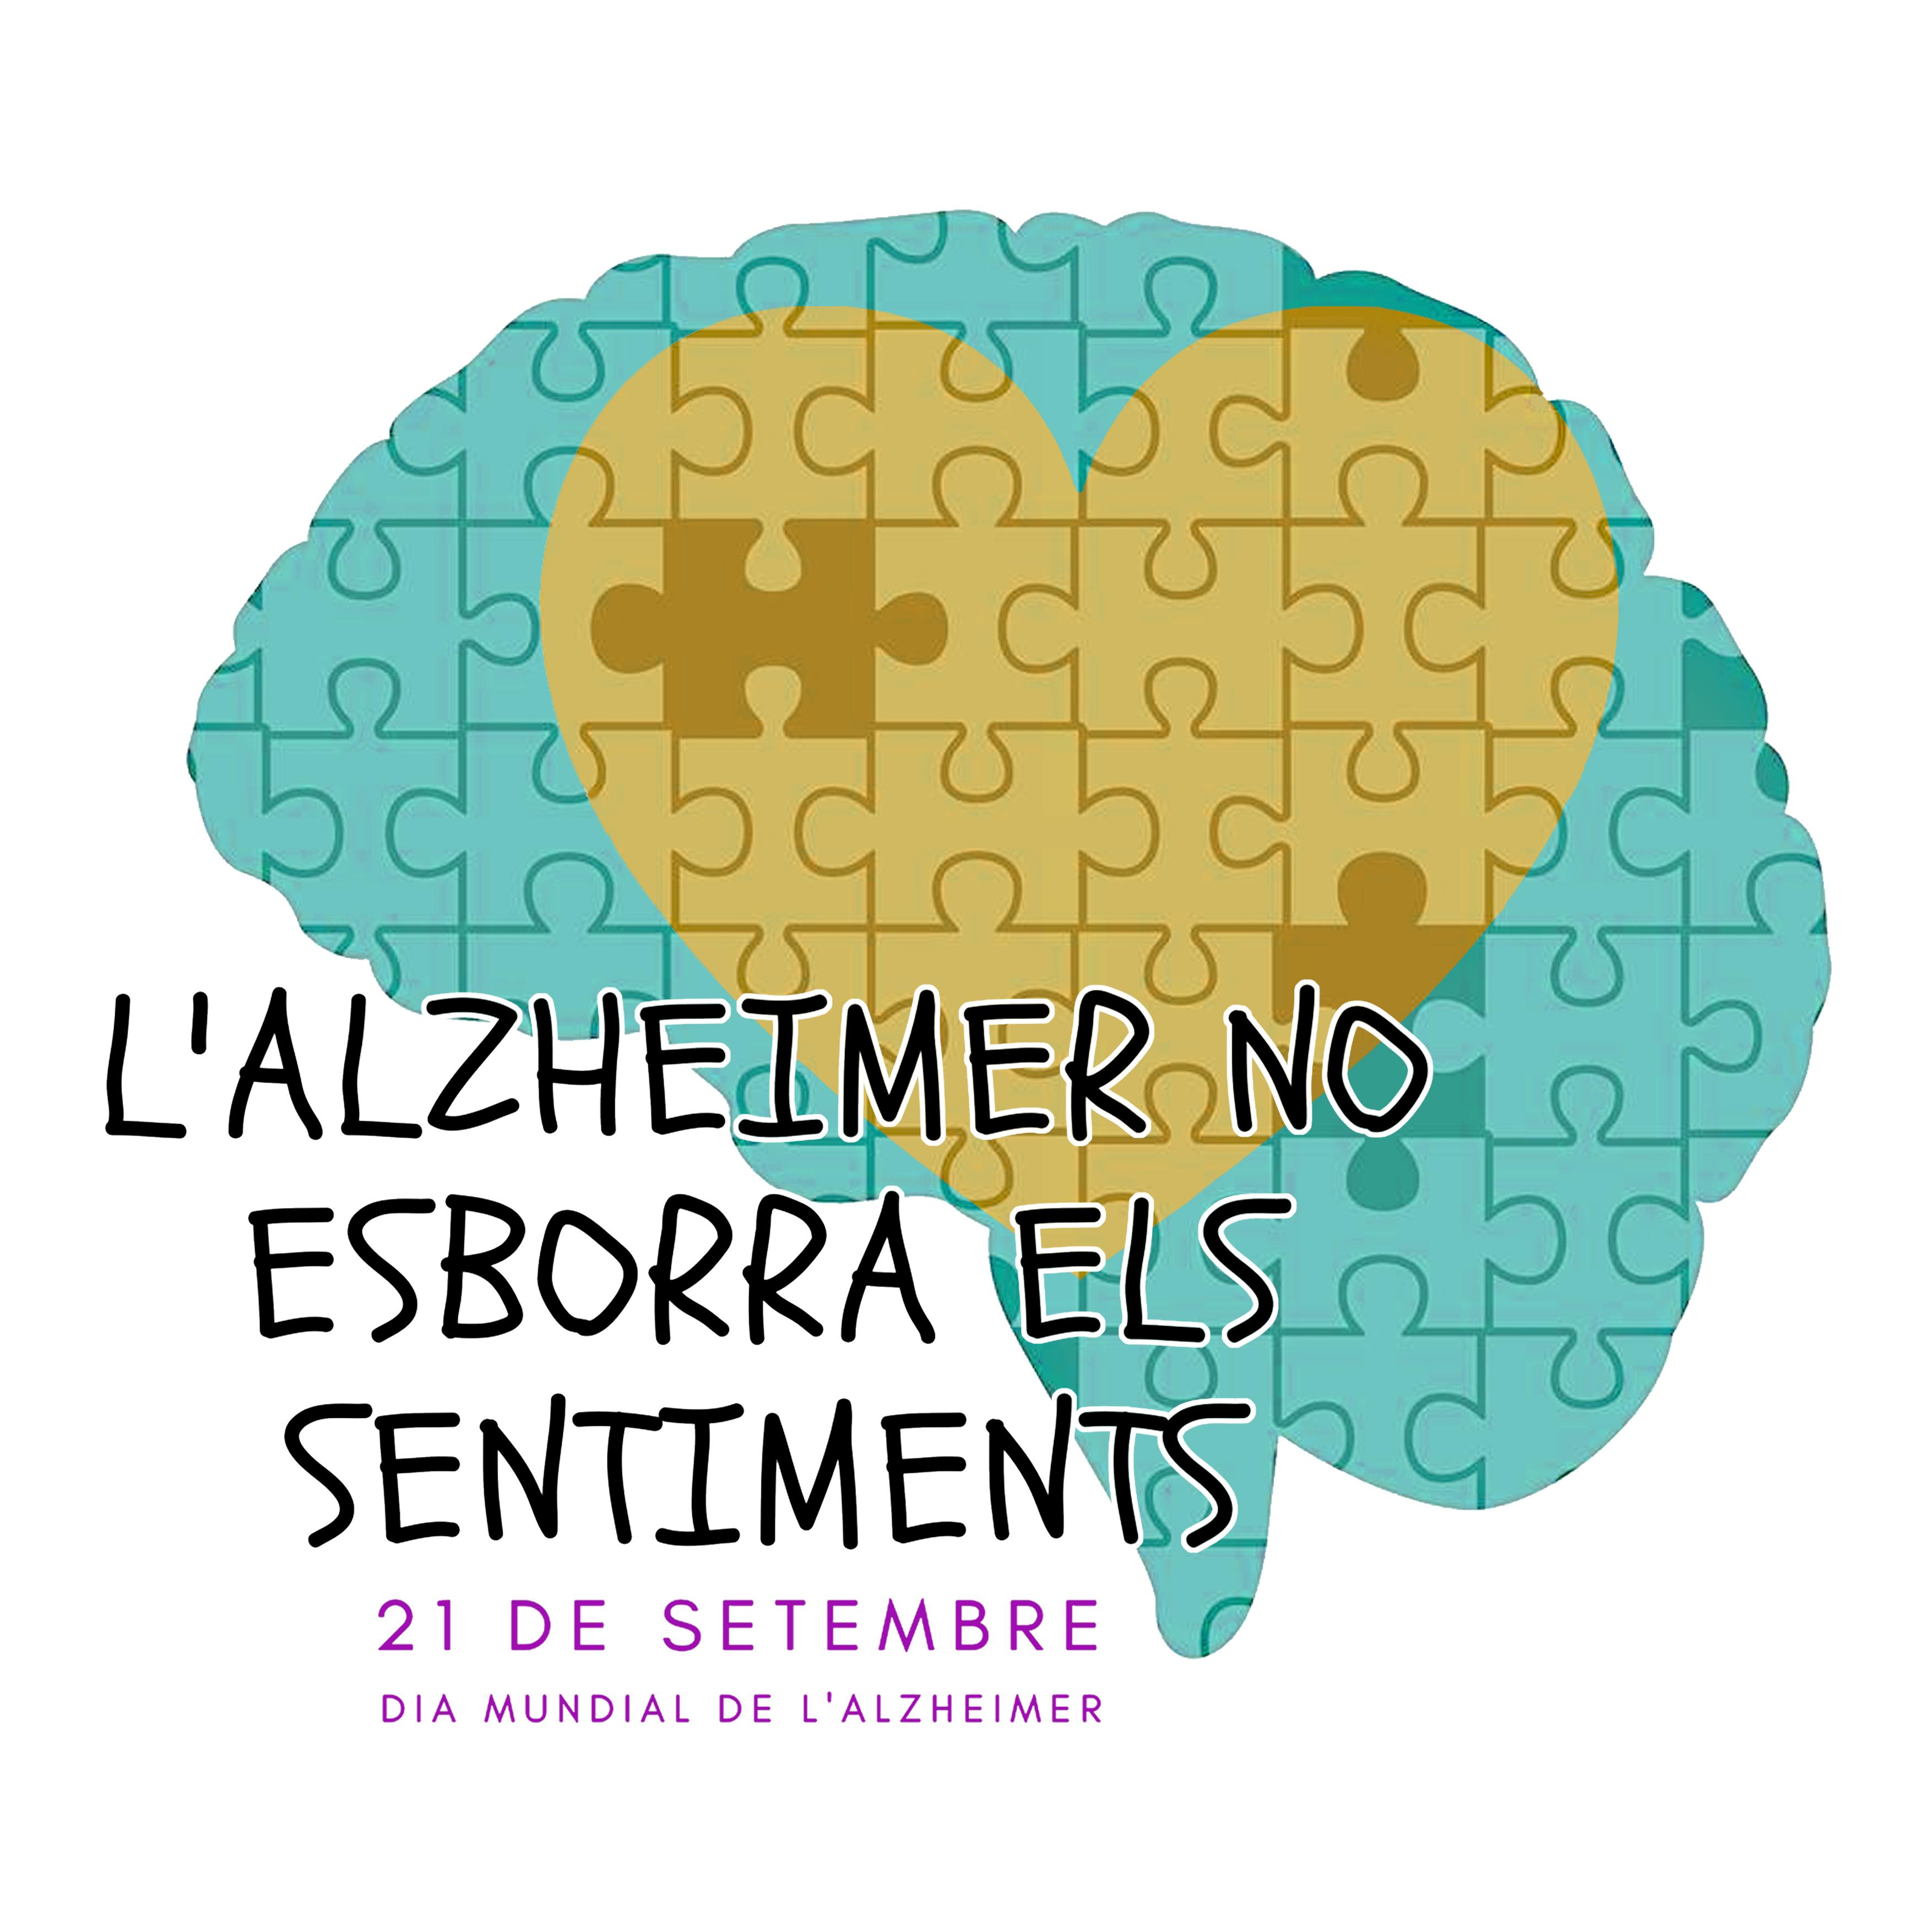 L'Ajuntament commemora el Dia Mundial de l'Alzheimer